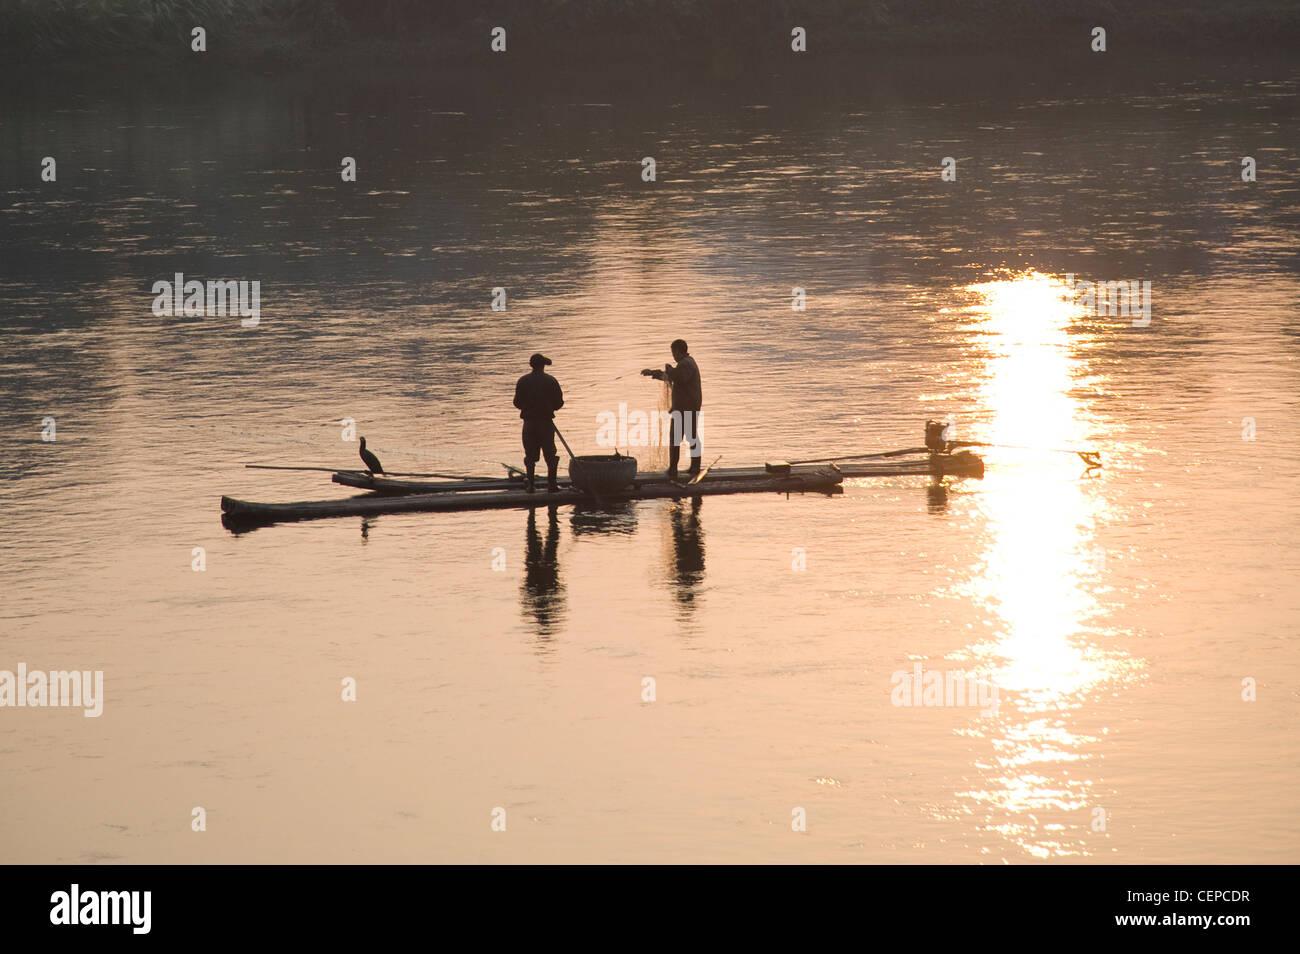 Men On A Raft Fishing - Stock Image